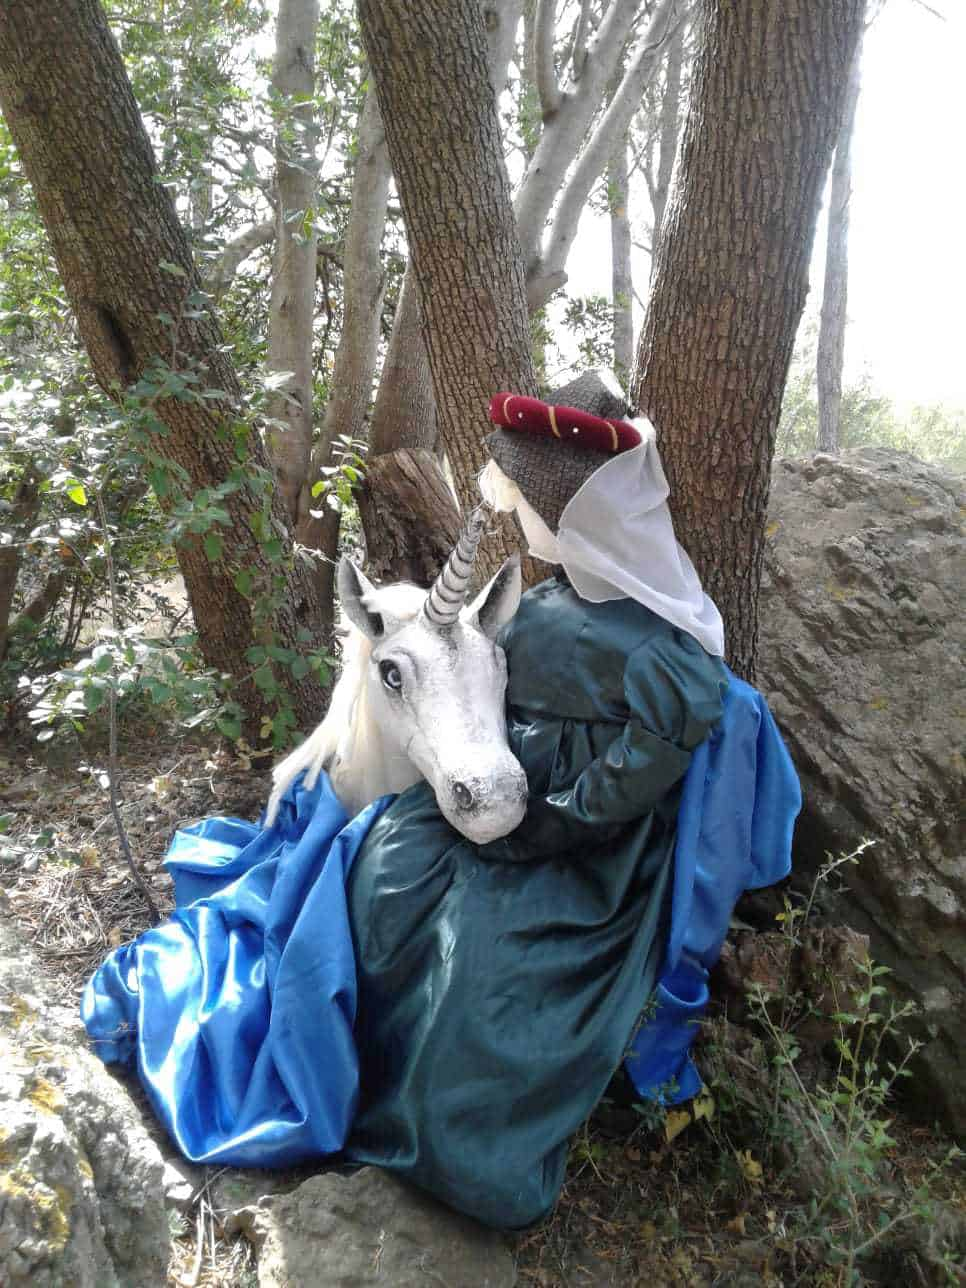 Al castello di Acquafredda c'era anche un unicorno